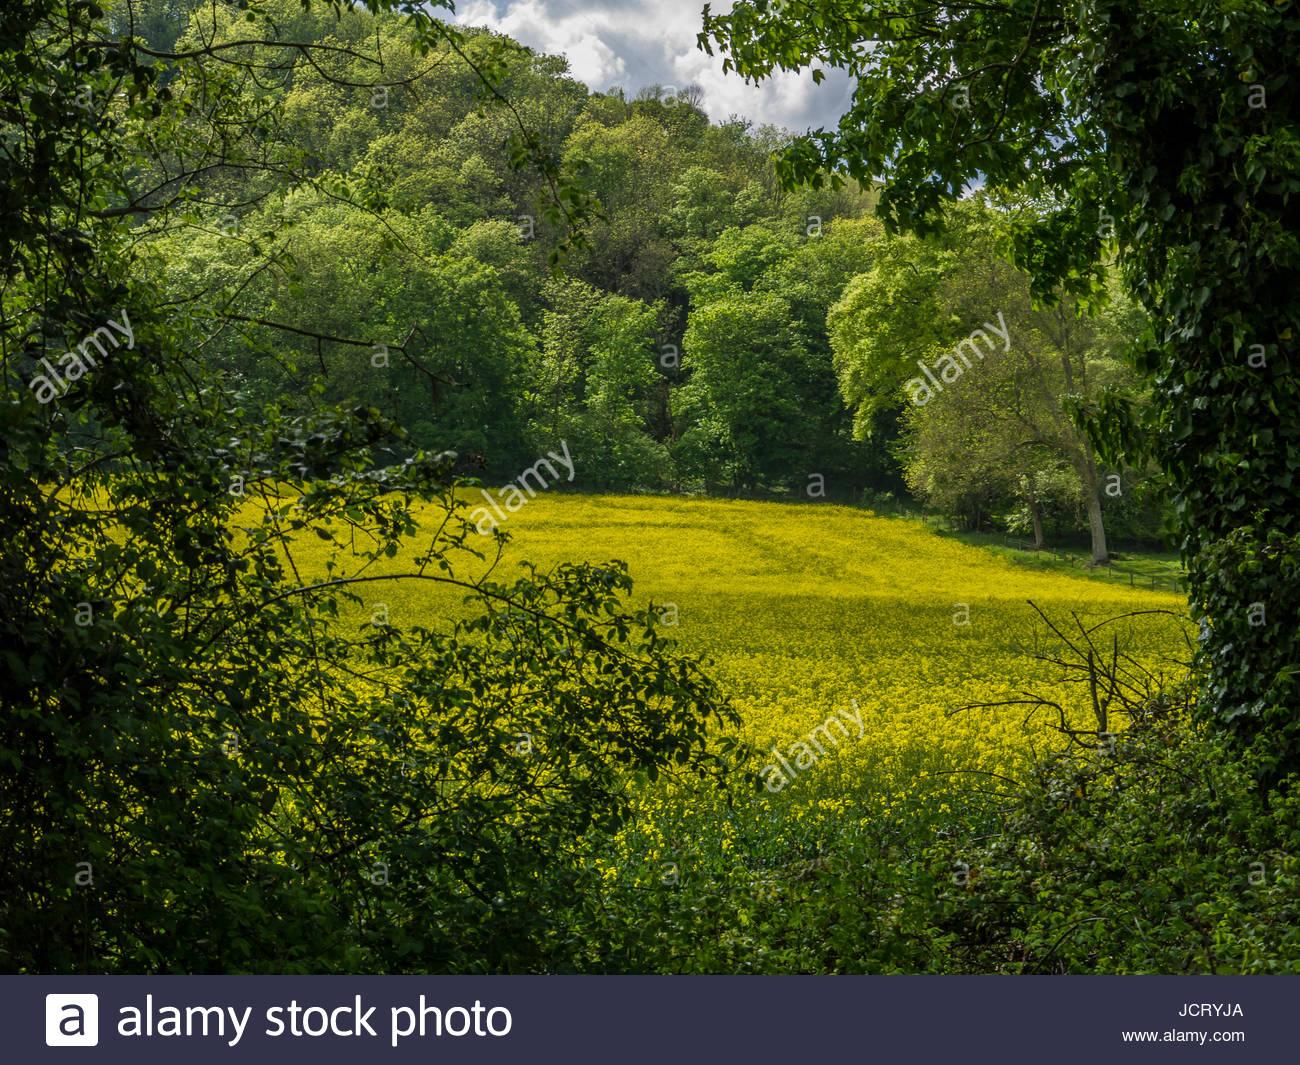 Öl Samen Vergewaltigung Feld Hampshire England. Stockbild